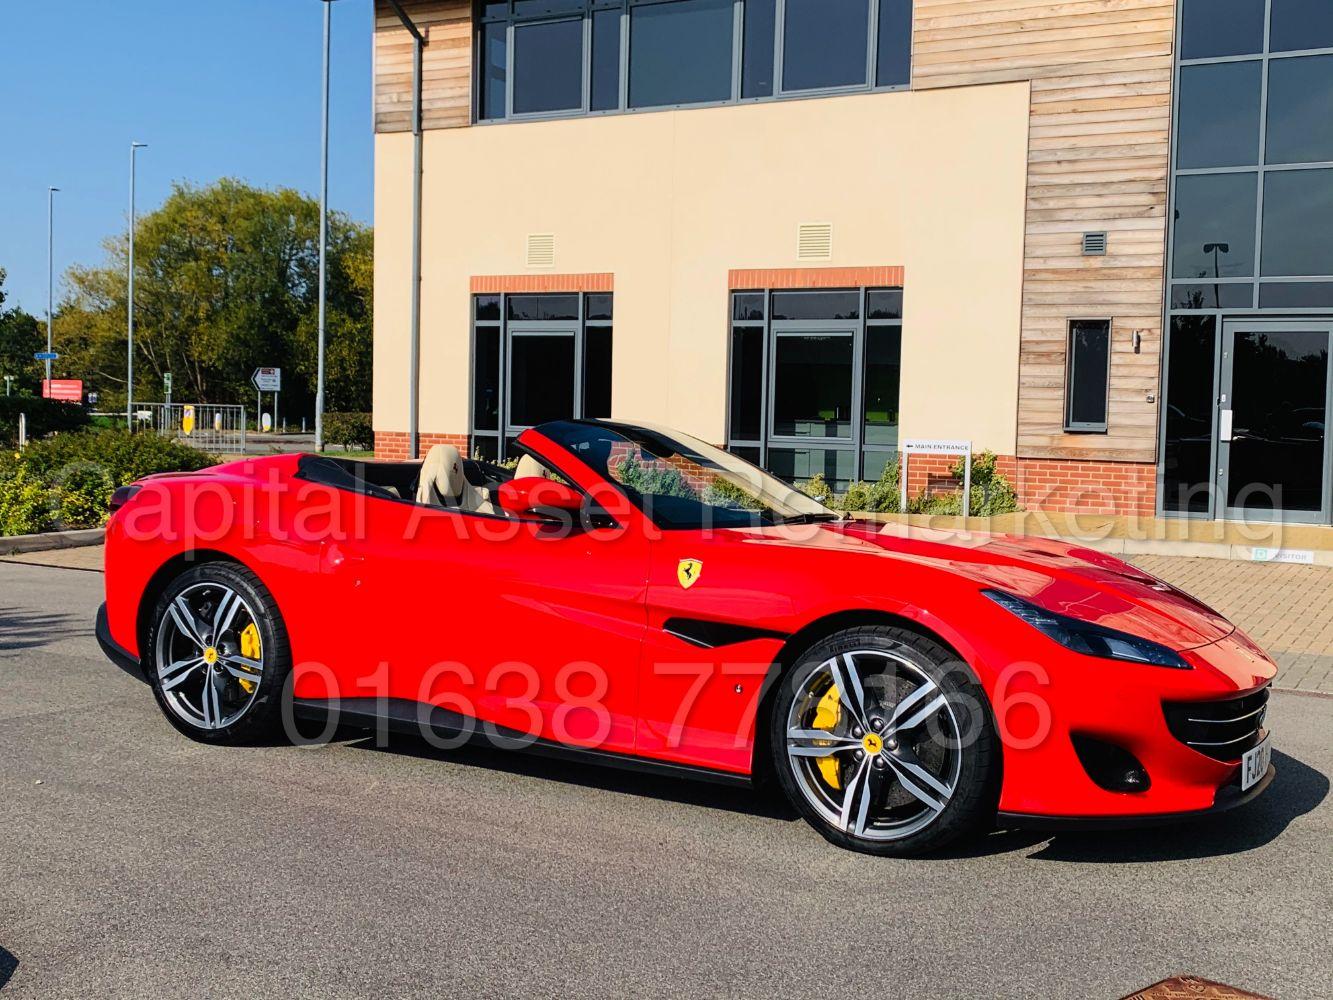 2020 Ferrari Portofino 3.9T V8 *Convertible* - 2020 Porsche 911 *Cabriolet* (All New 992 Model) - 2020 Suzuki Jimny *All Grip* + Many More...